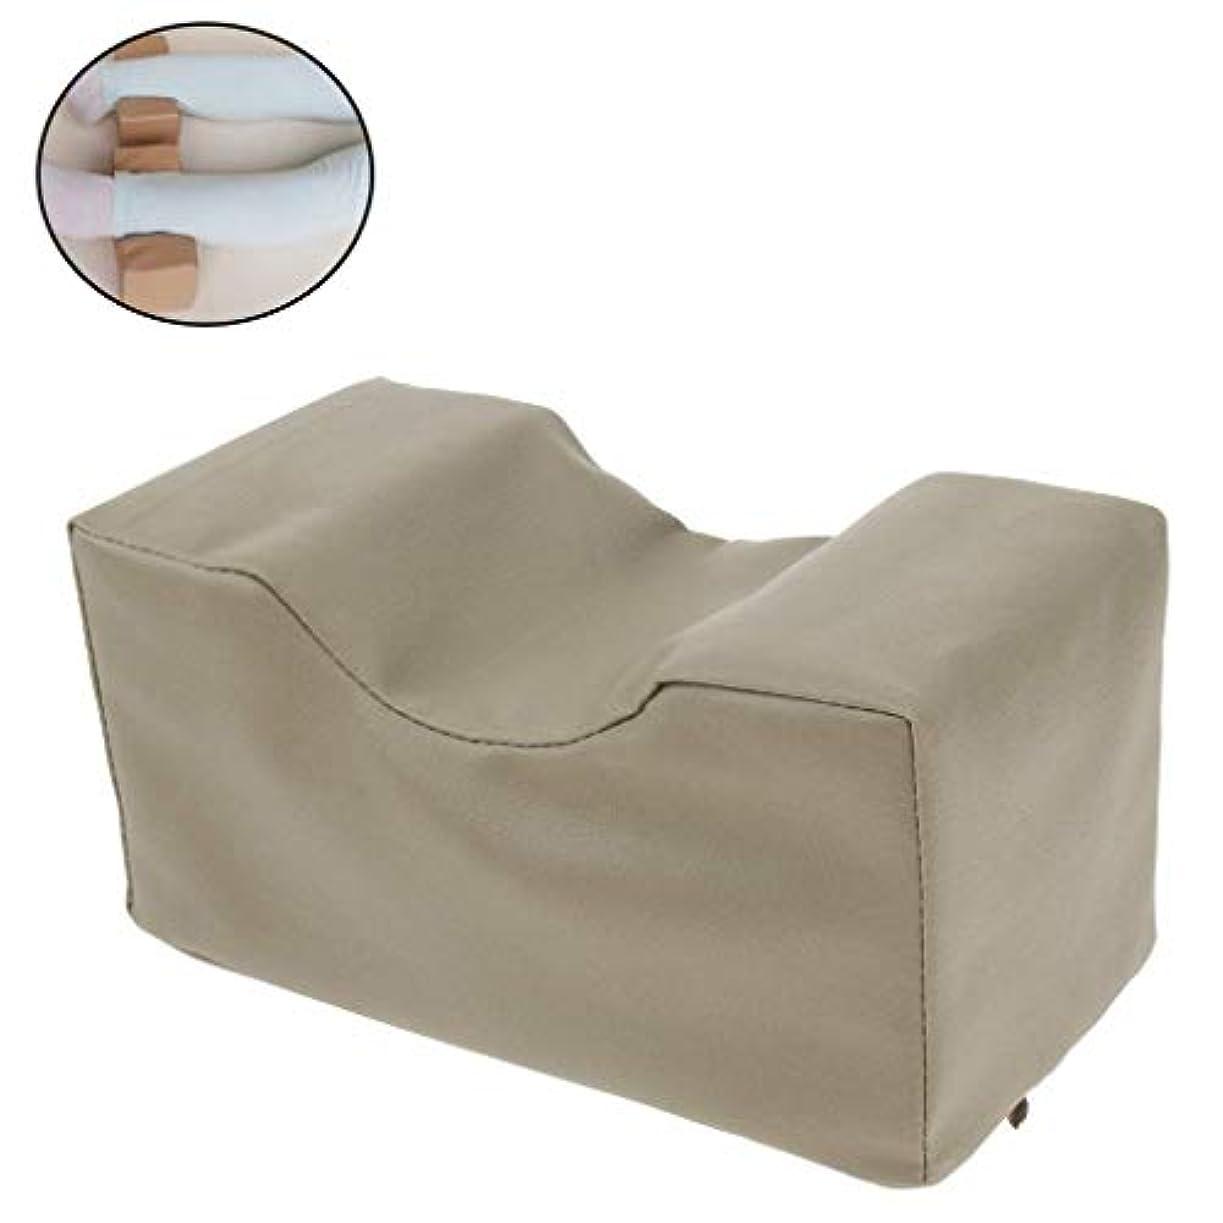 架空のプールパイプラインPUレザーカバー付きフォームニーエレベーターピロー-床ずれ防止、妊娠、ヒップ、脚の疲労軽減用の整形外科用ニーピロー(2個)